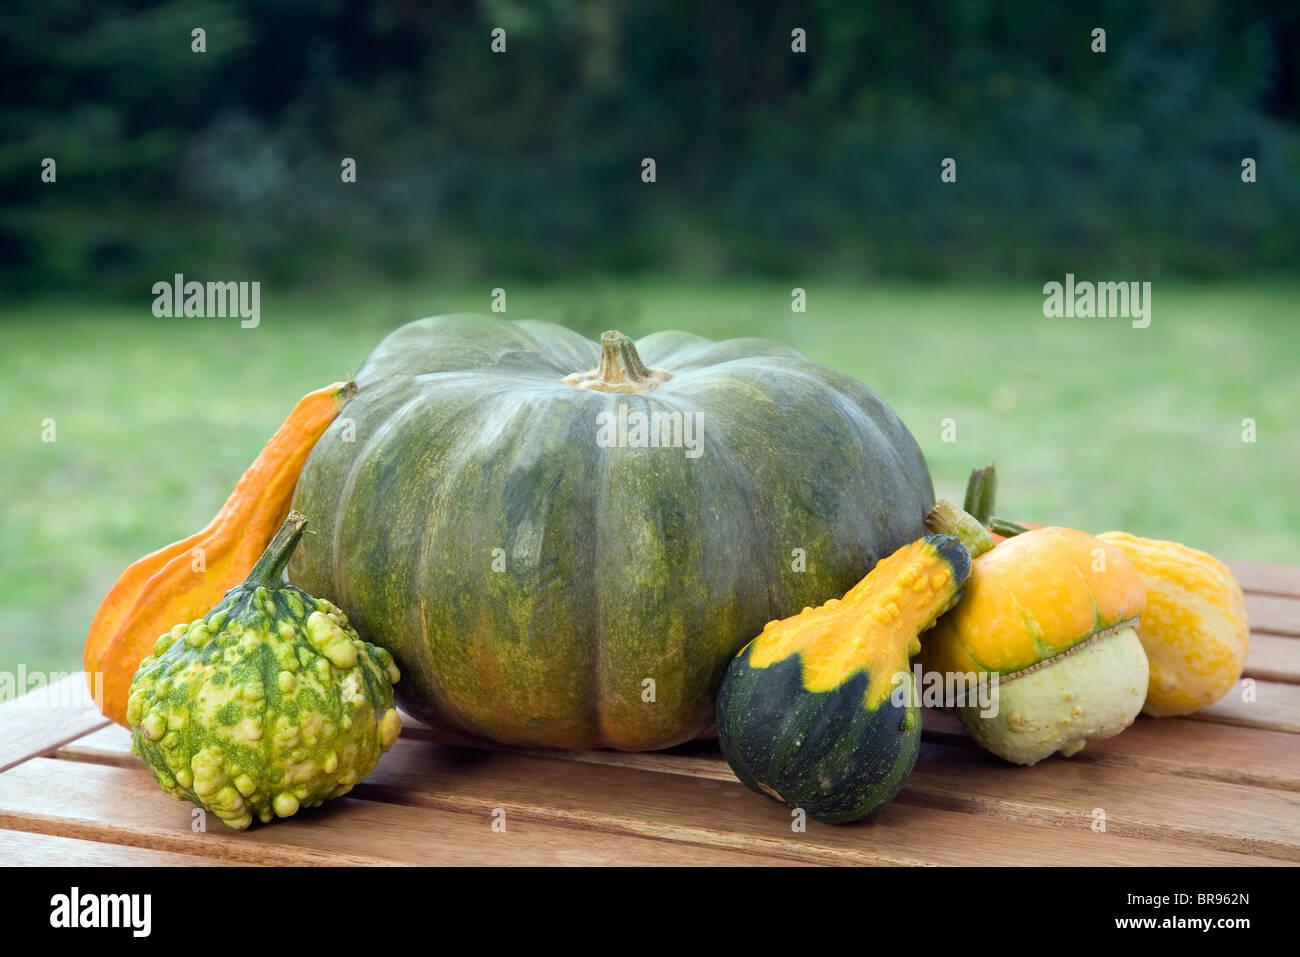 Sélection de citrouilles ornementales et comestibles Photo Stock